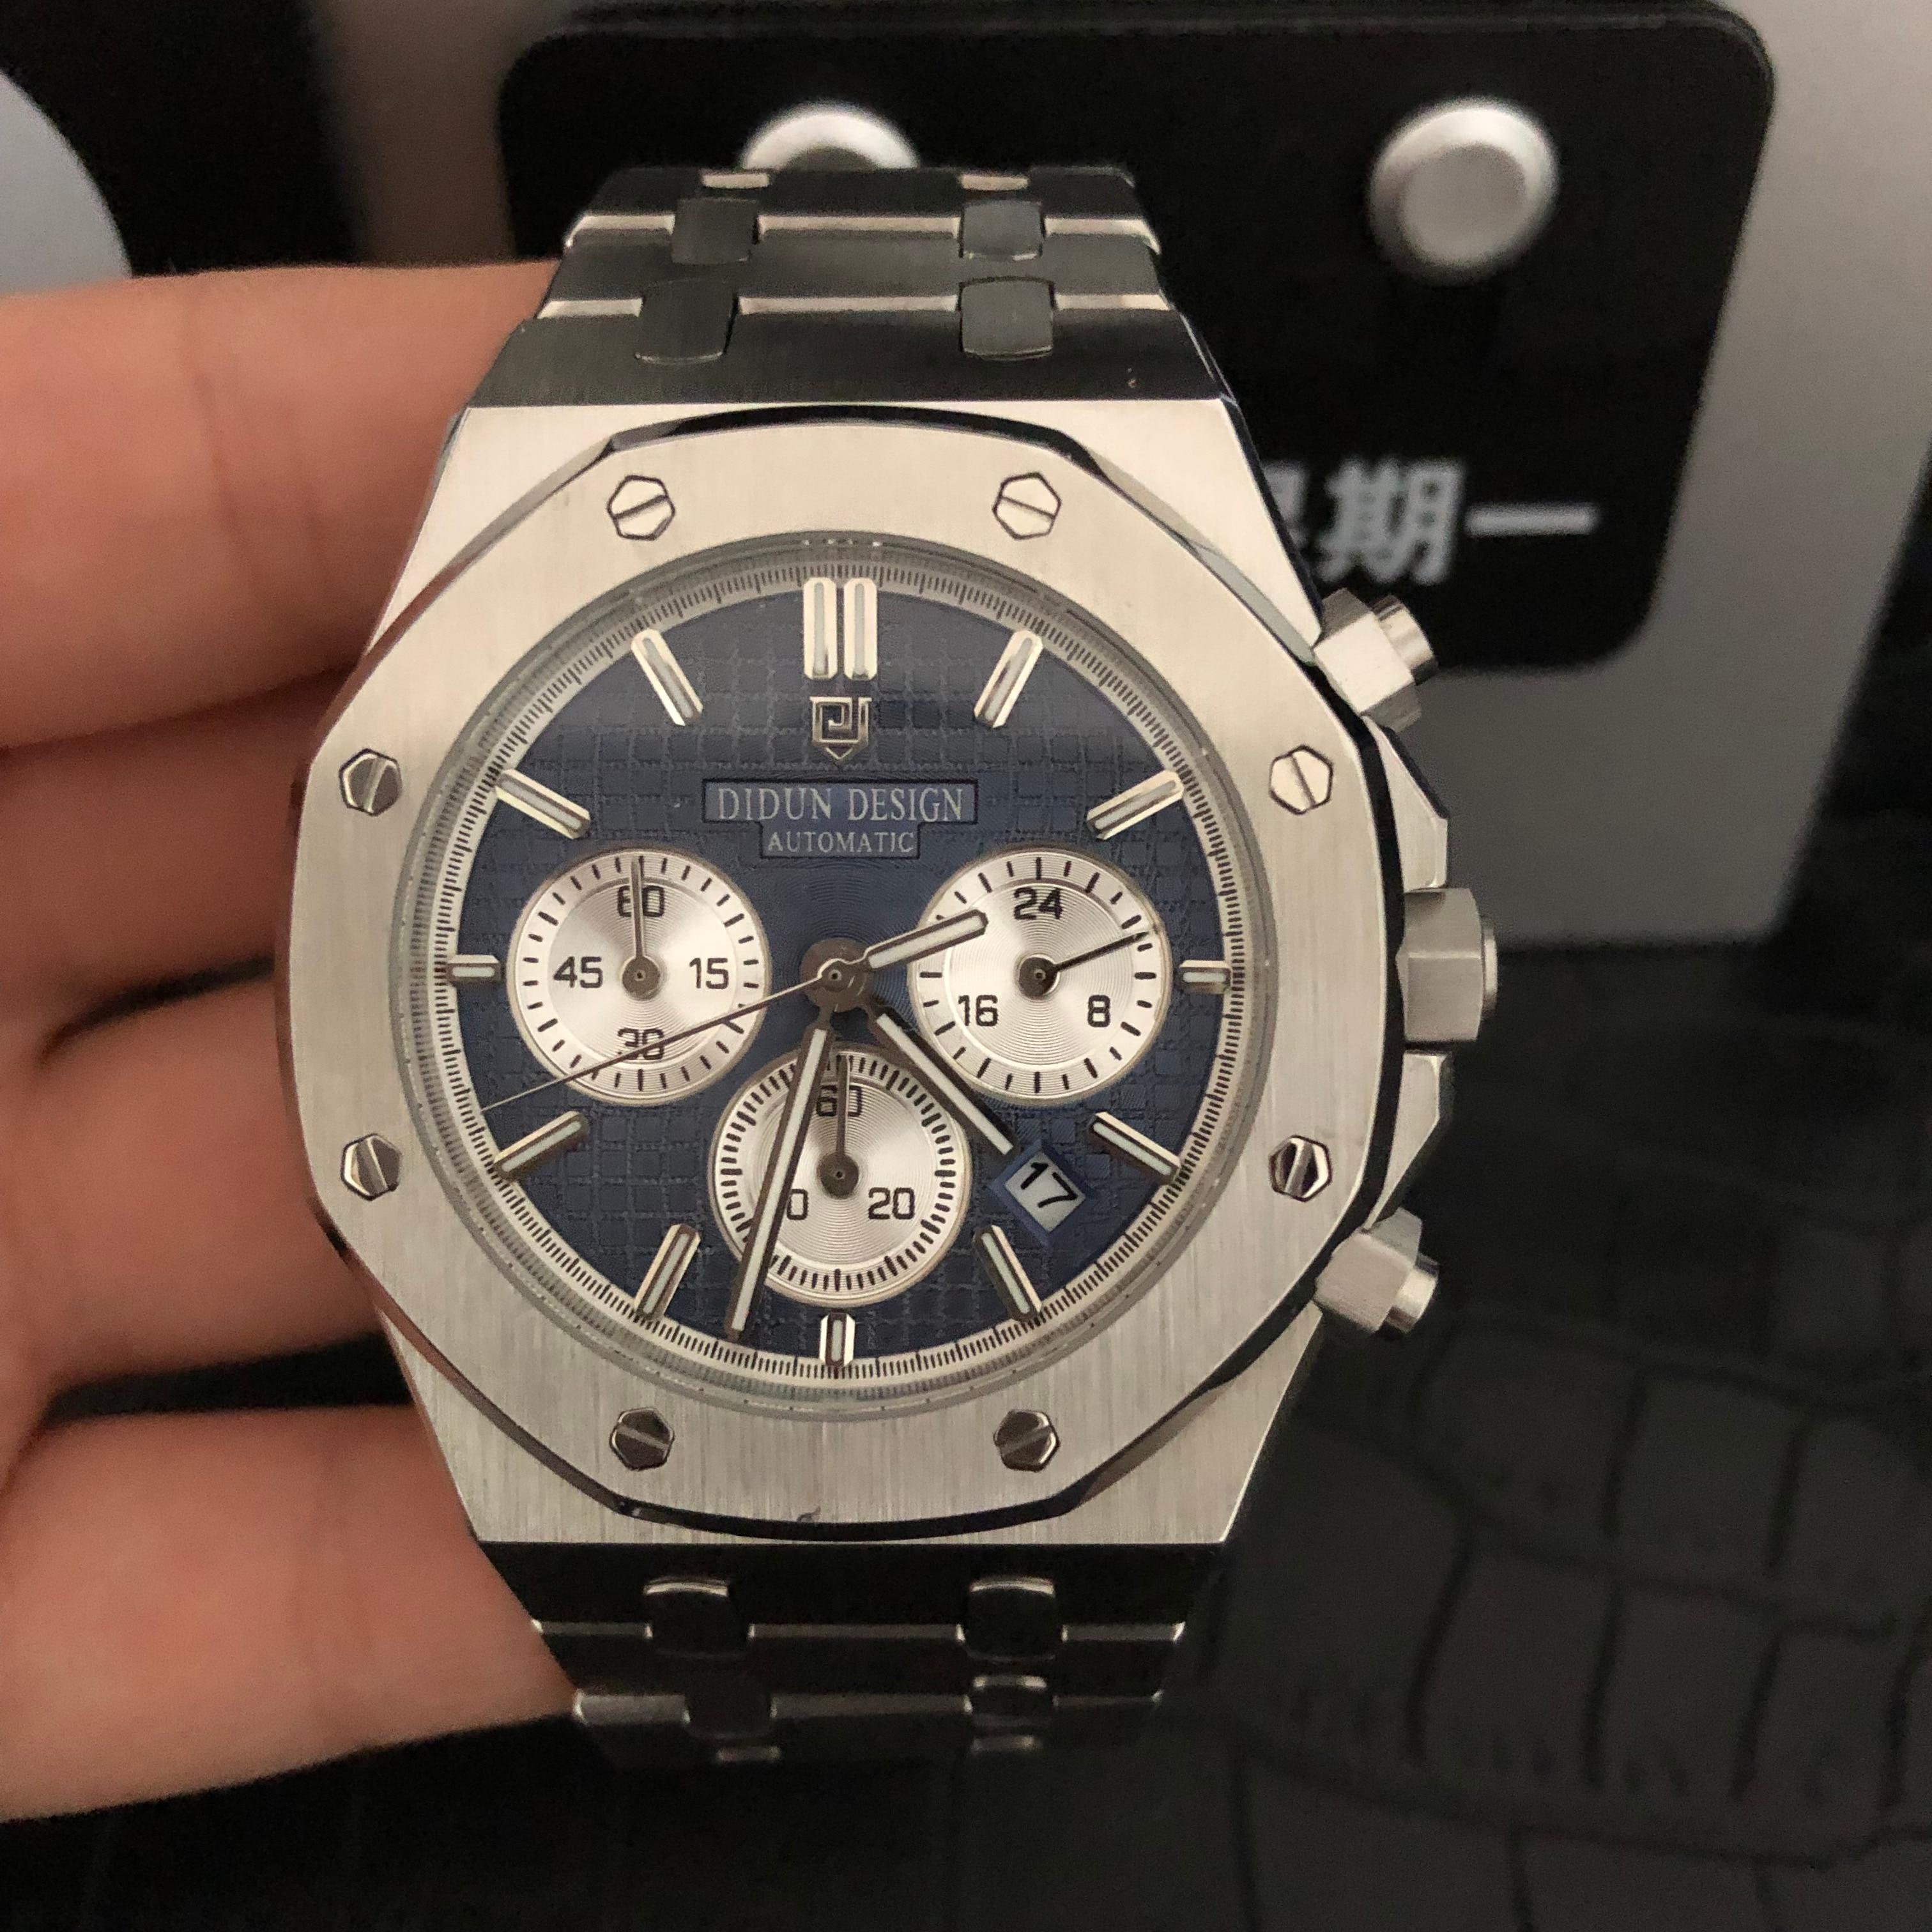 DIDUN montre hommes de luxe en acier quartz montre hommes d'affaires chronographe montre sport montres 30M étanche